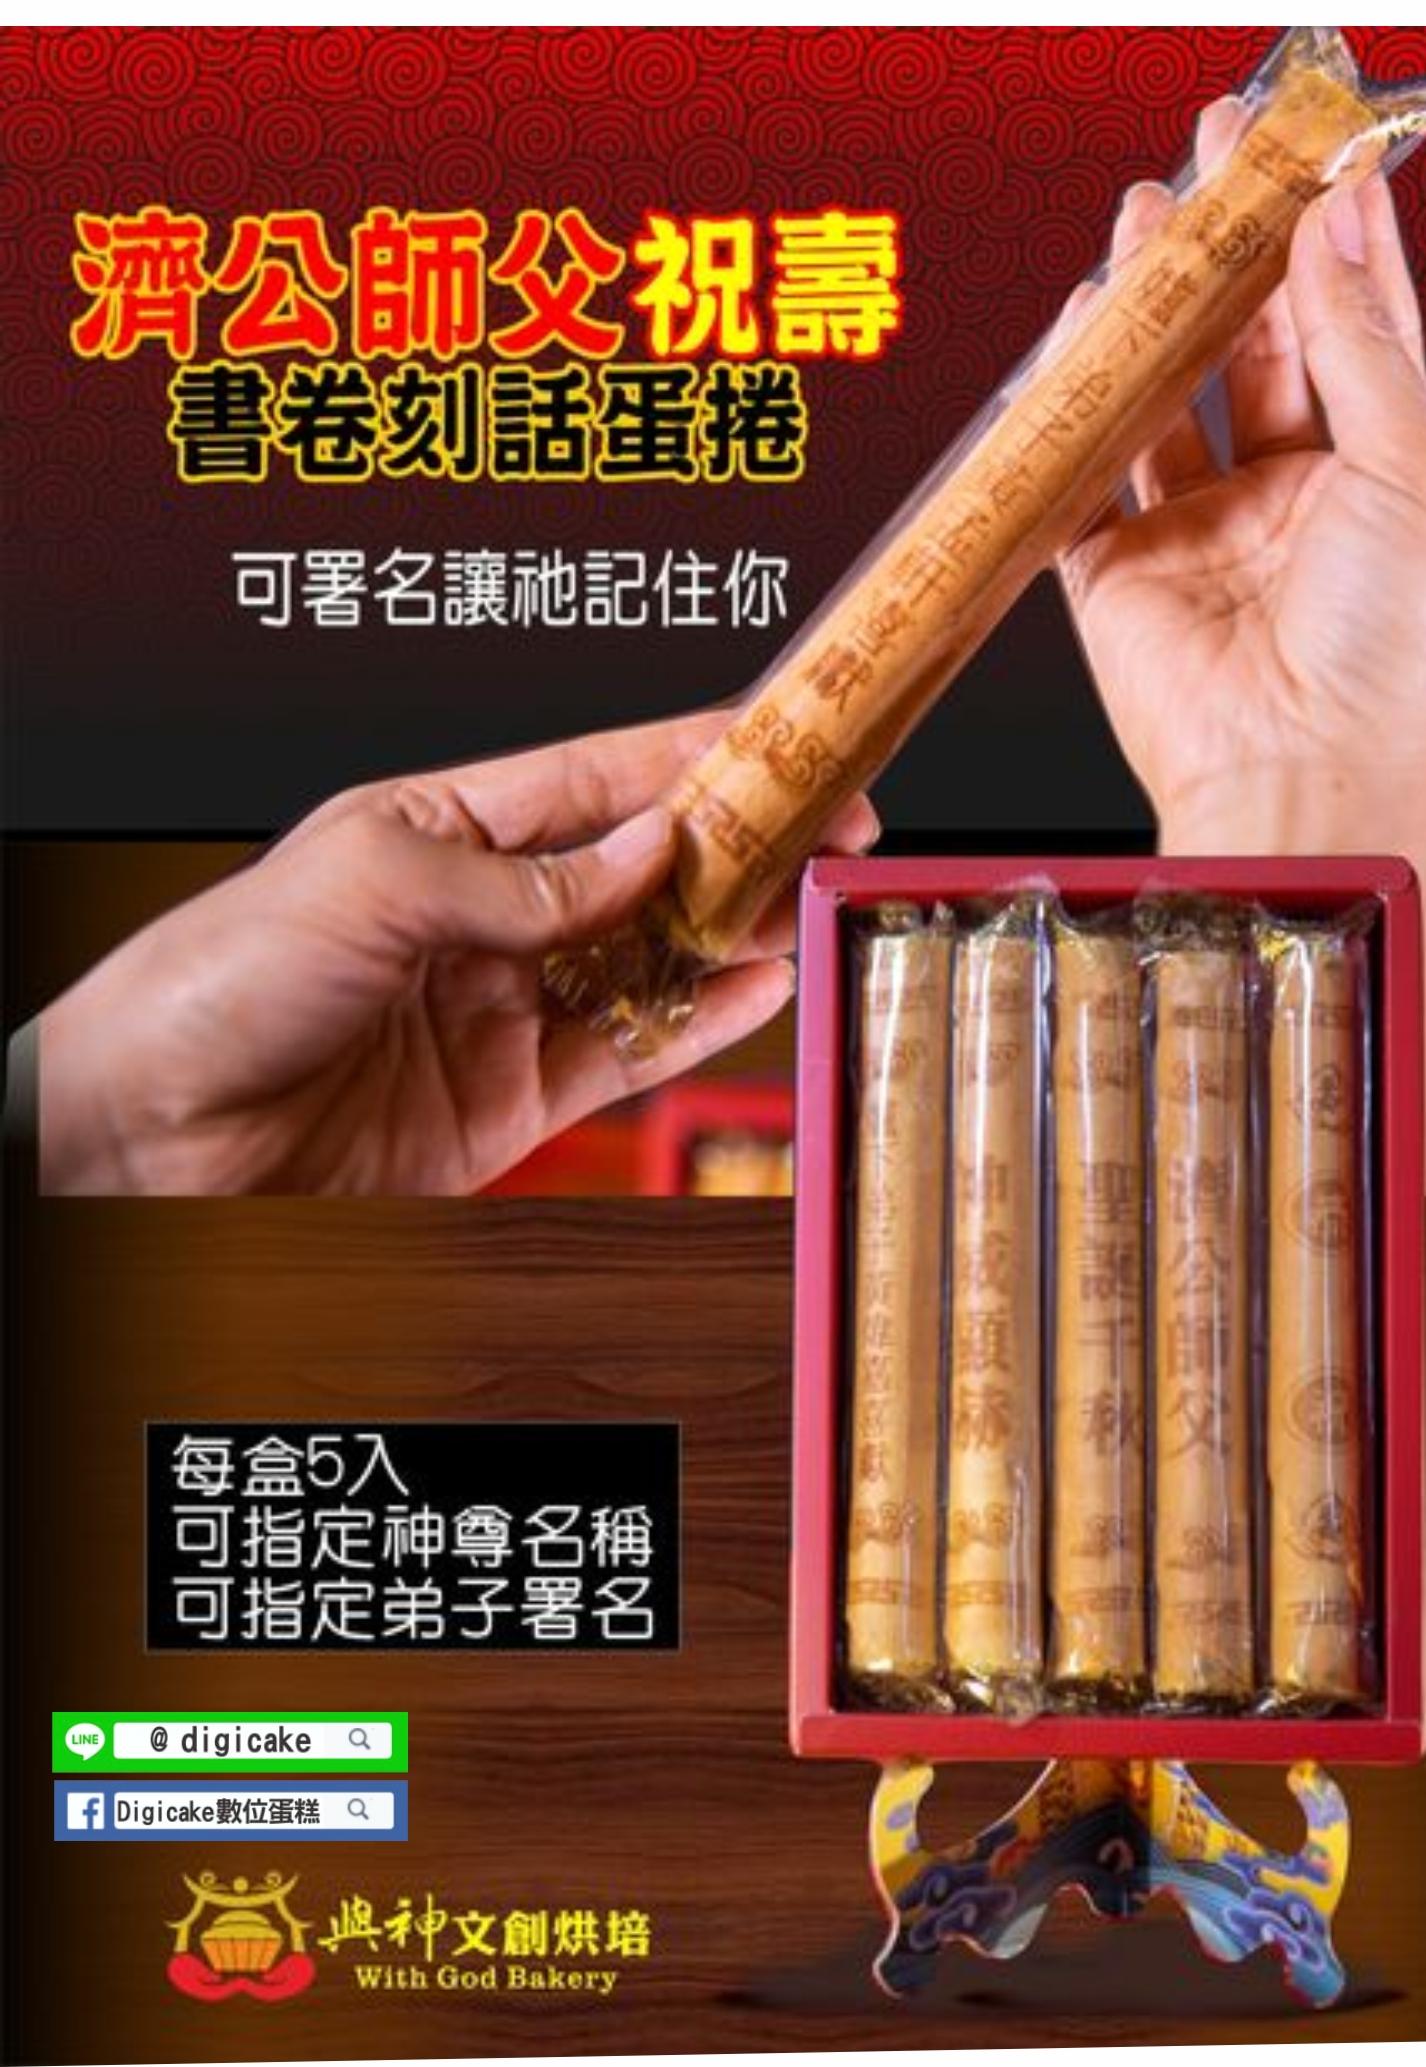 點此進入濟公師父祝壽書卷刻話煎餅蛋捲5支一盒 (含立架)的詳細資料!